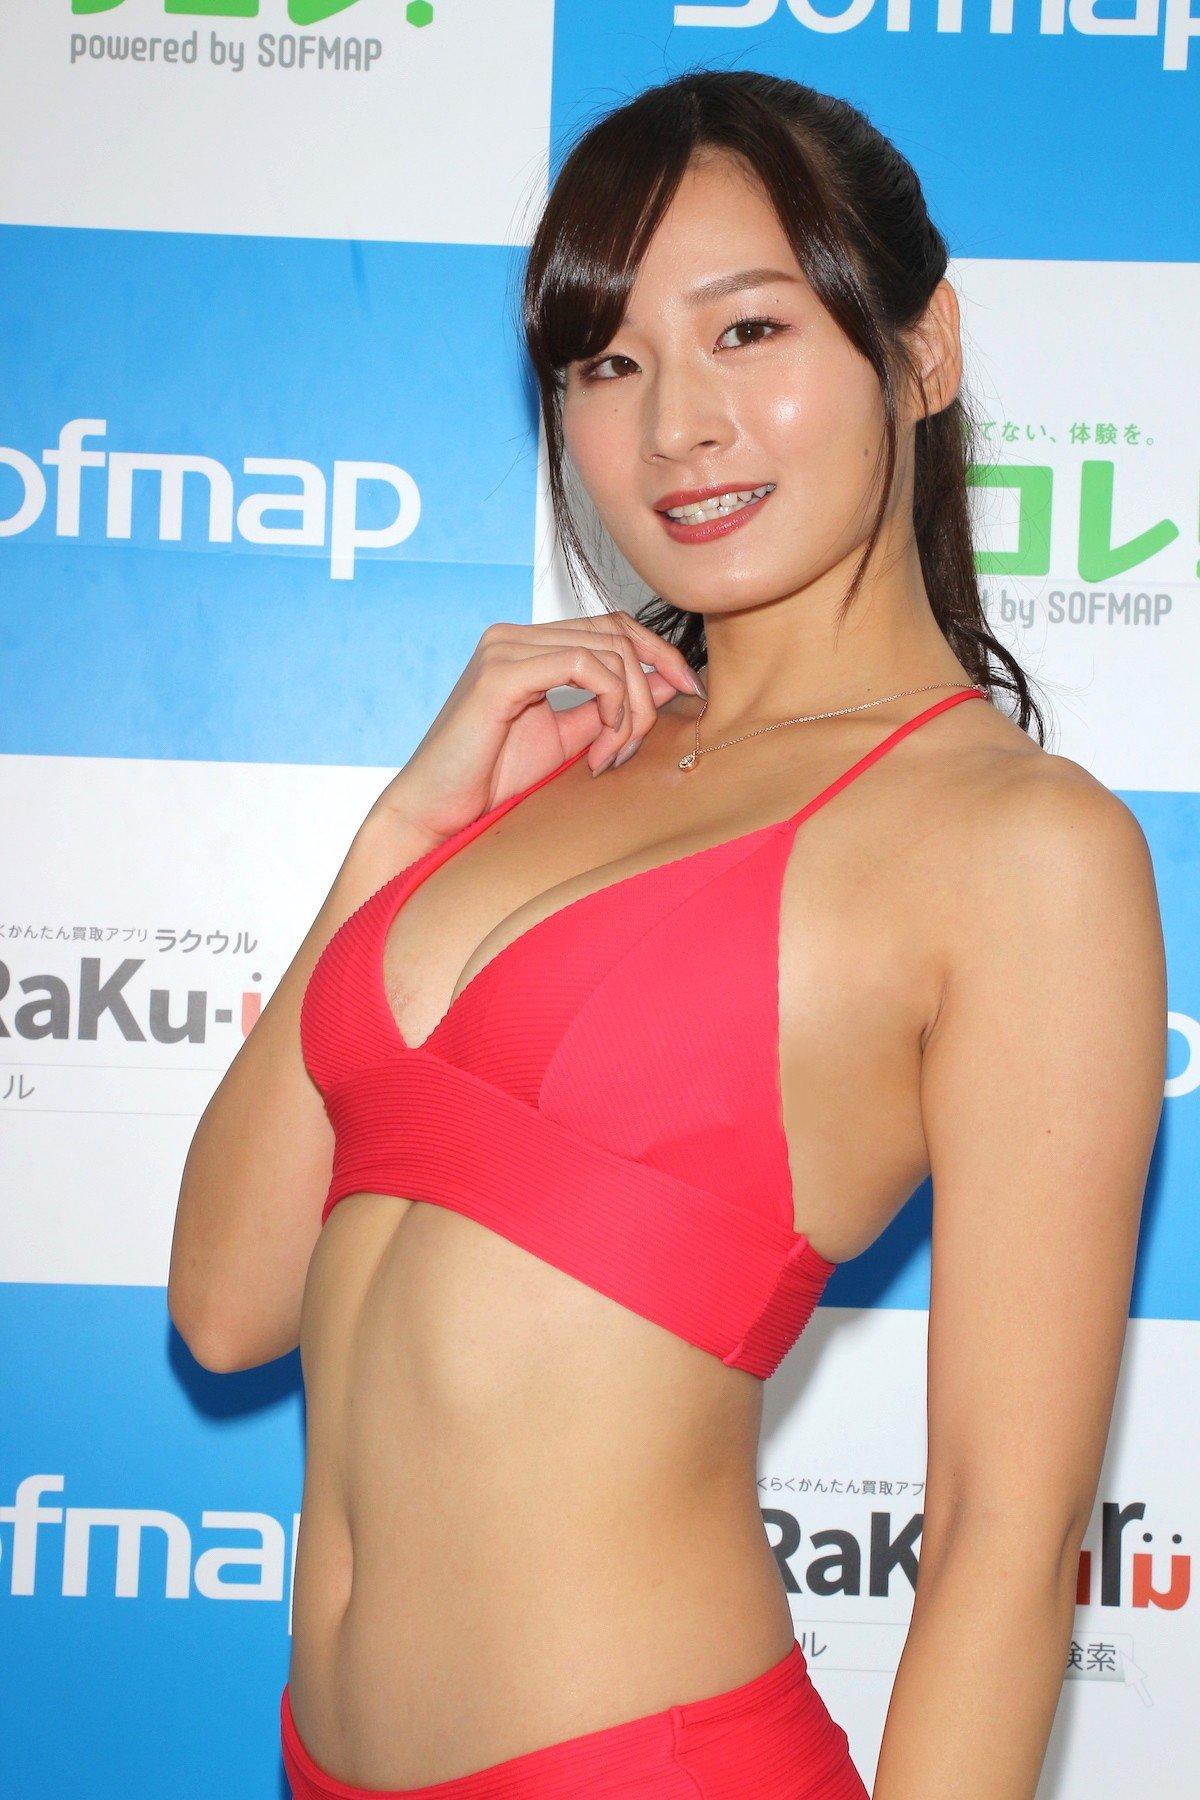 清瀬汐希「本当に何も着てない」お風呂のシーンは露出度満点!【画像62枚】の画像028